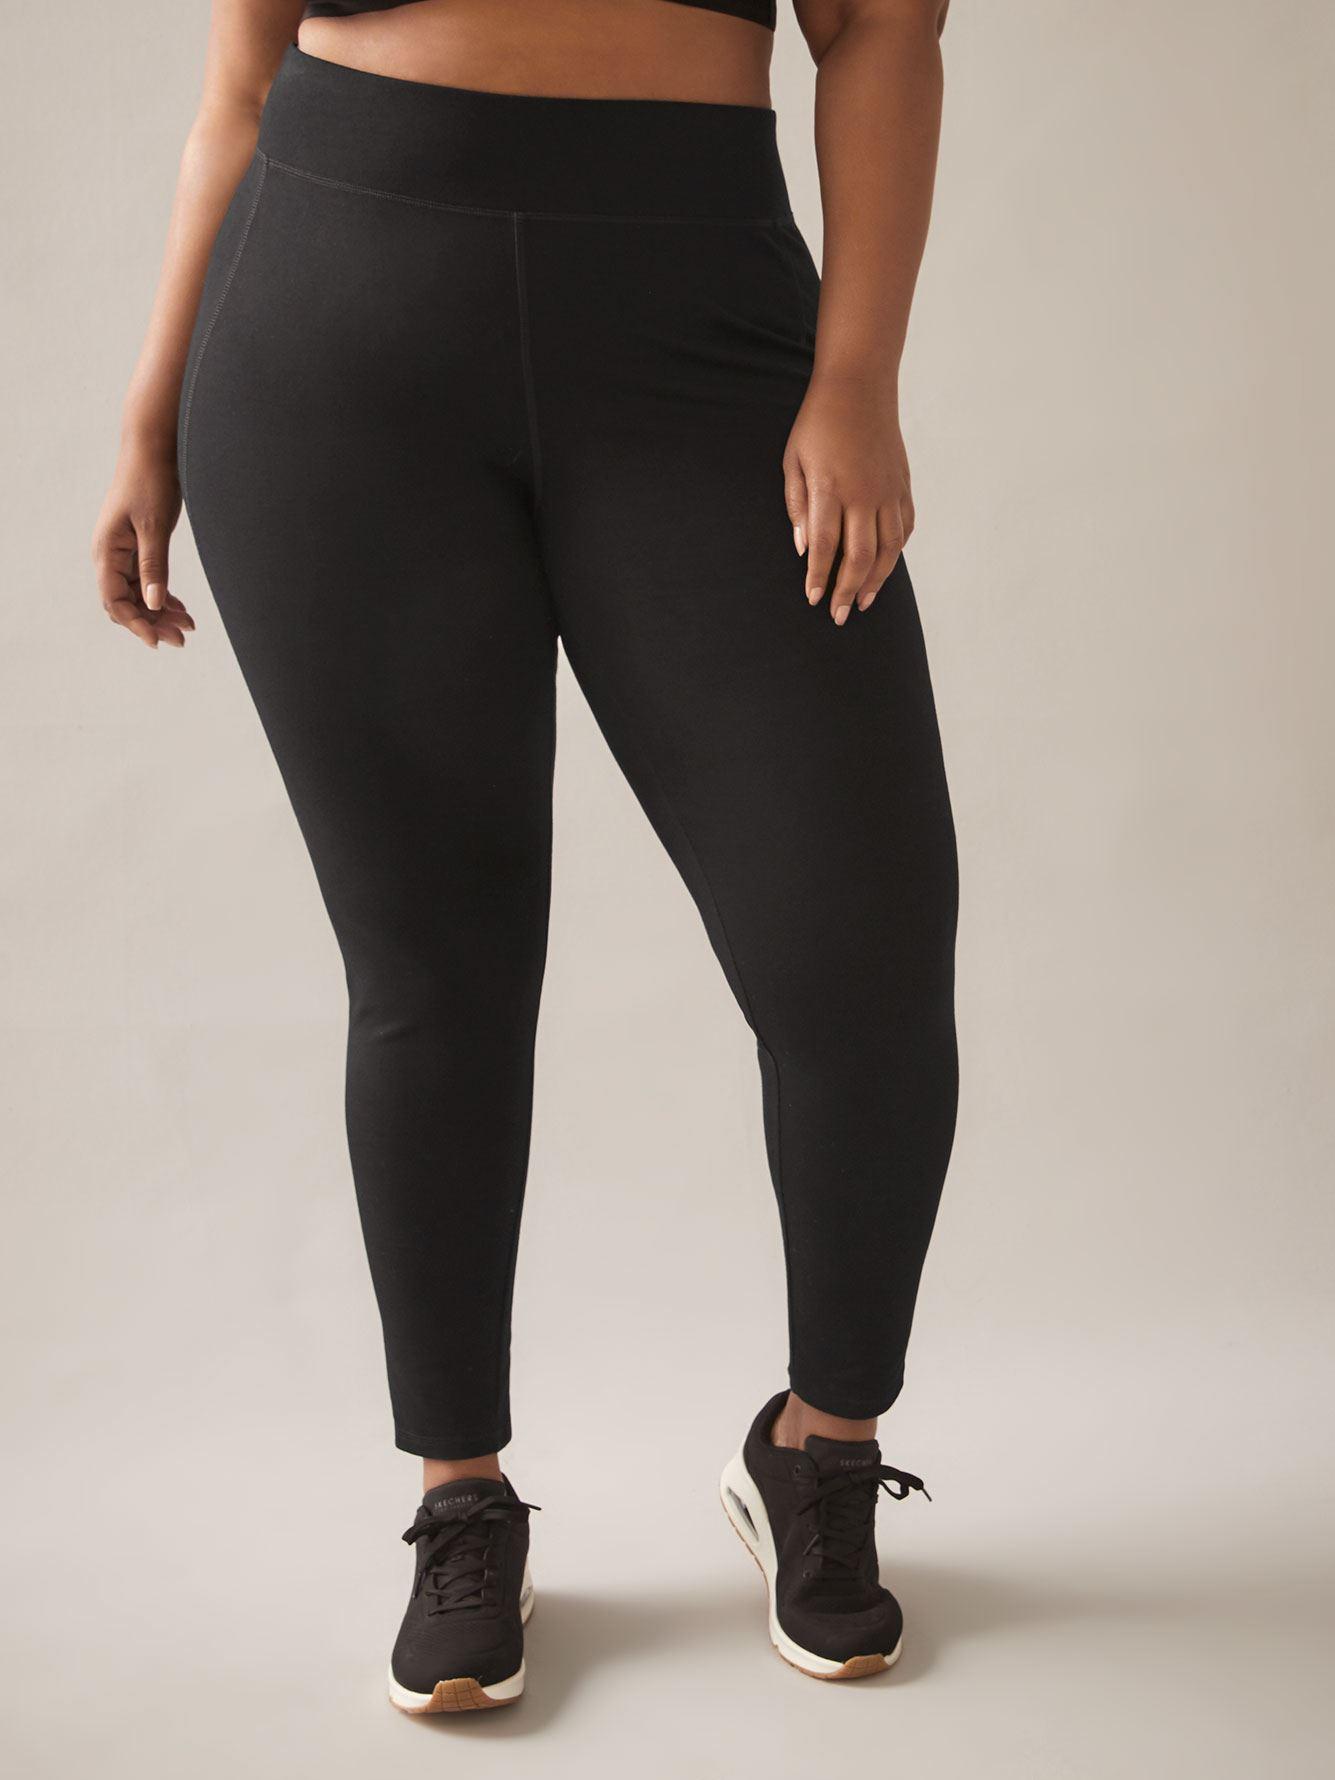 BODY ESSENTIALS Contrôle Leggings XXL bleu jean Taille Taille 40 42 Top Qualité